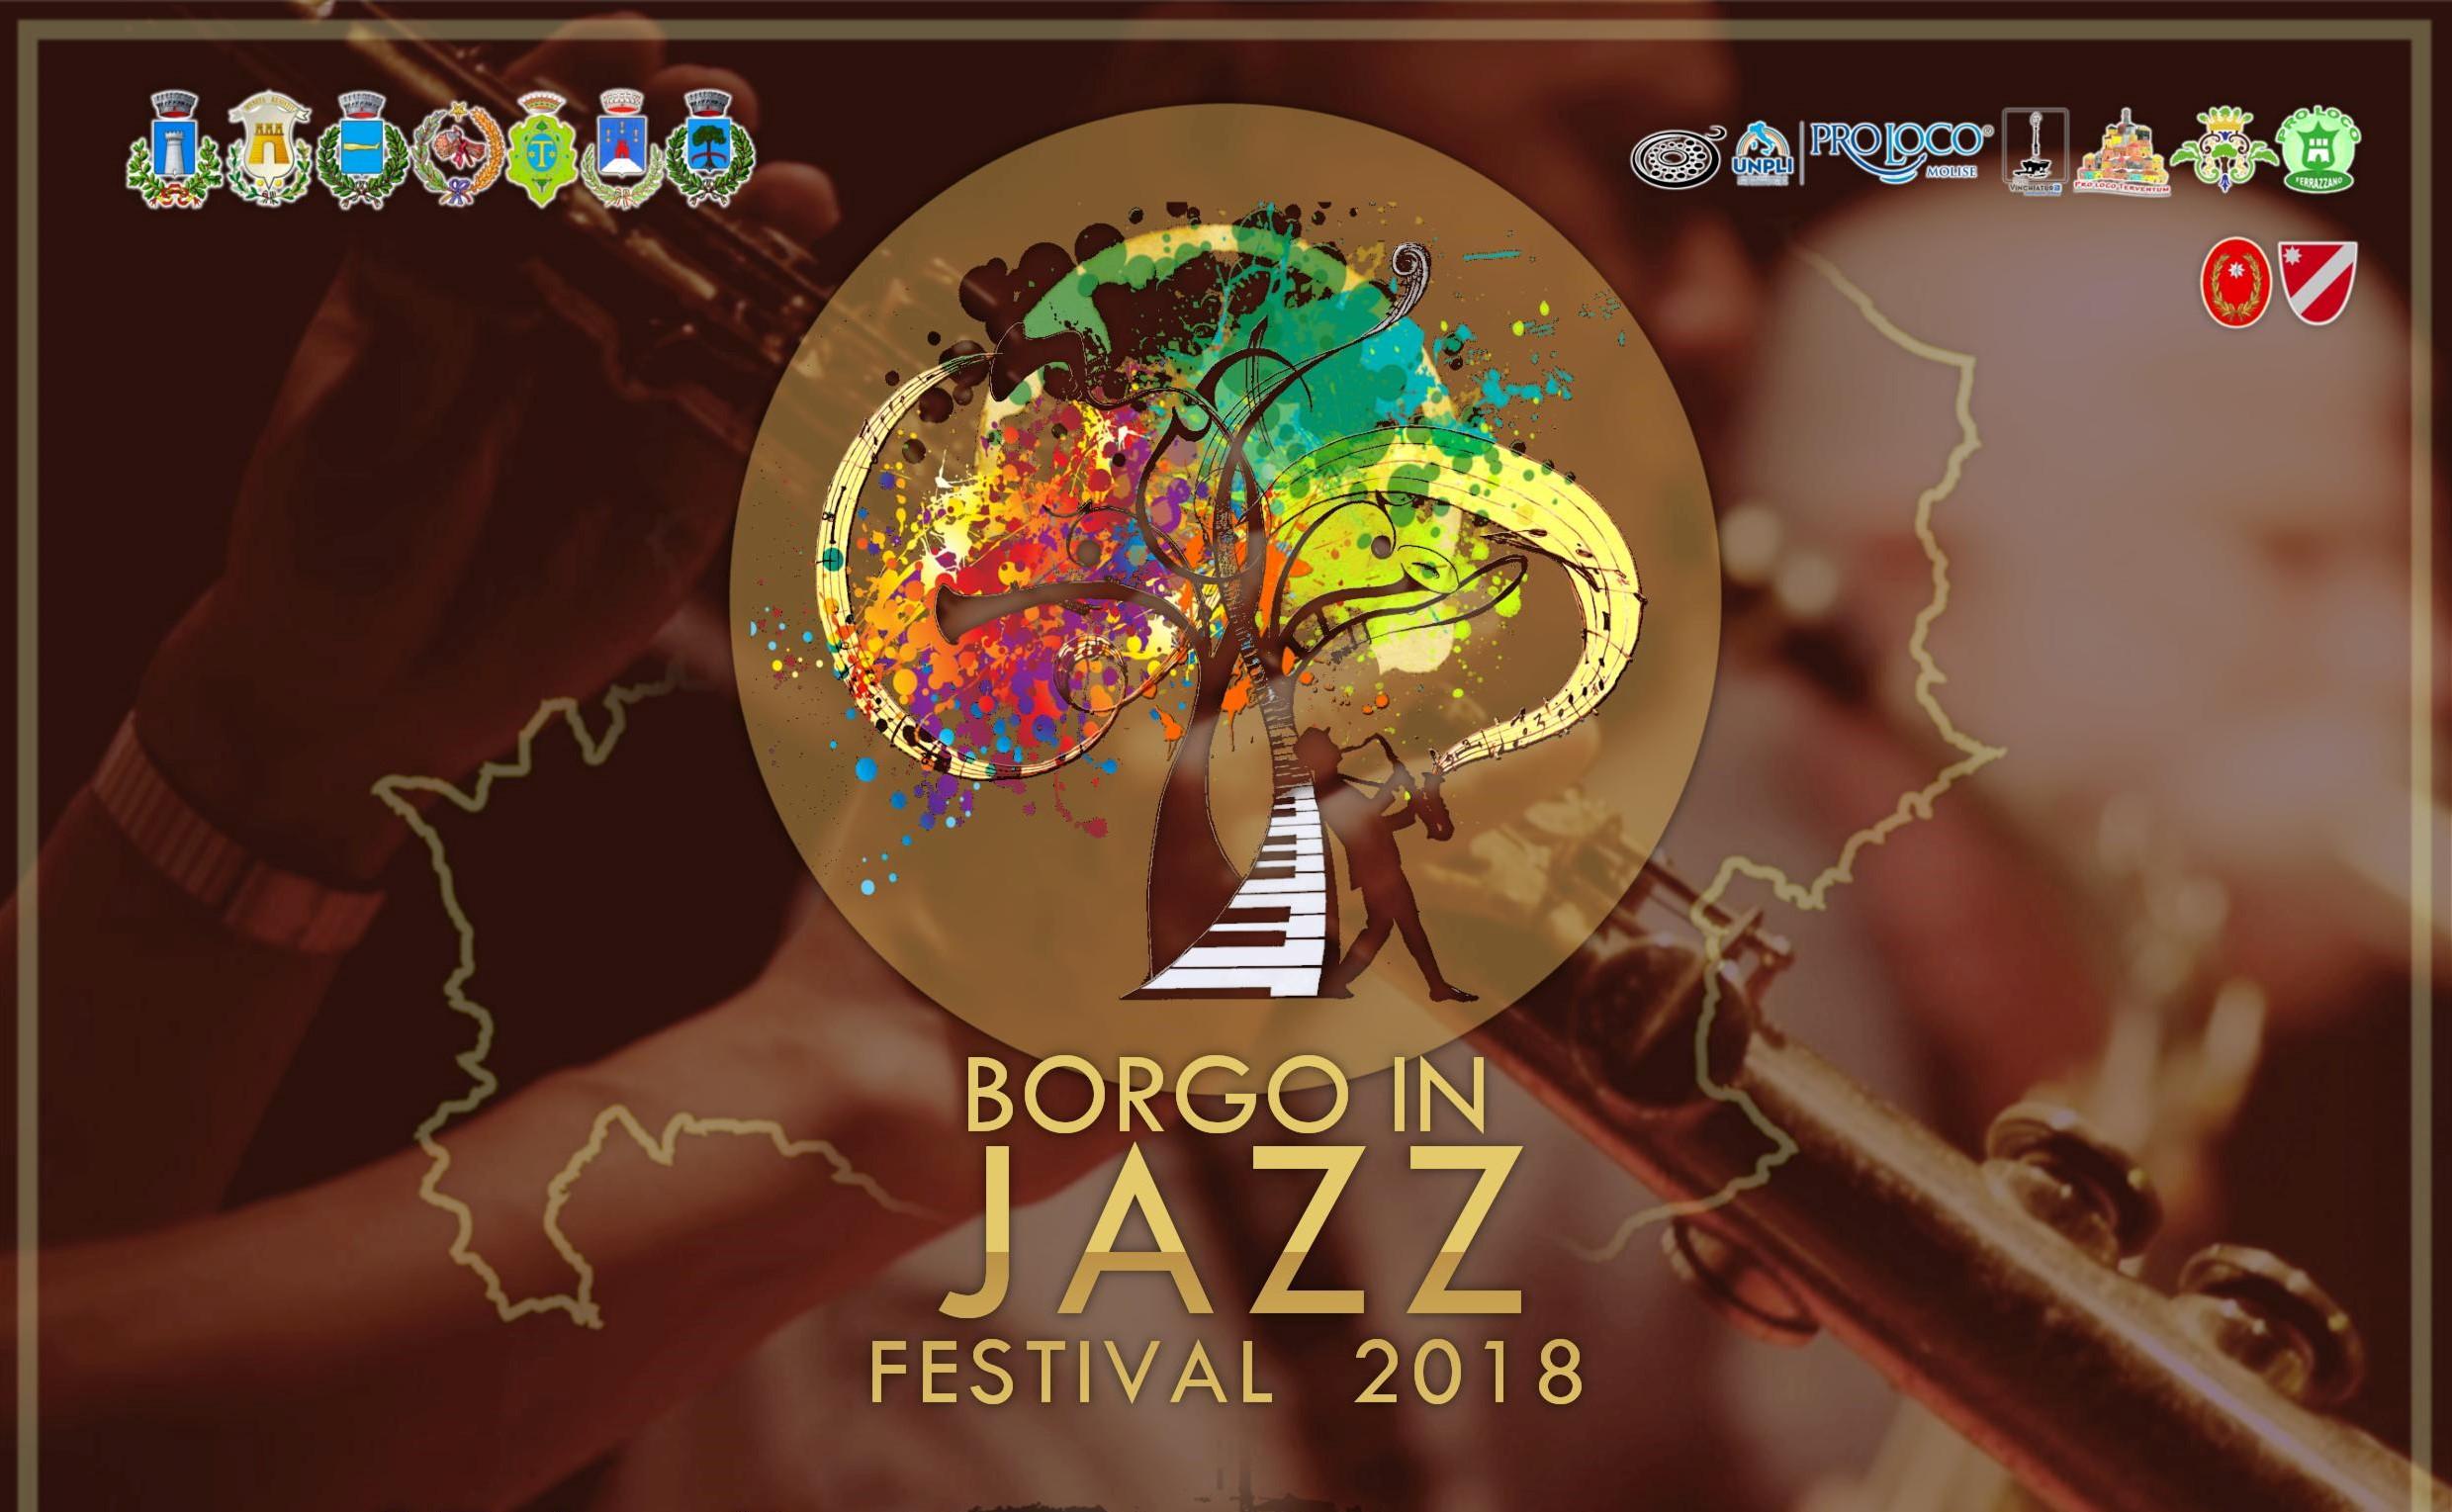 Edizione 2018 di Borgo in Jazz, il festival dal sapore anglo-molisano